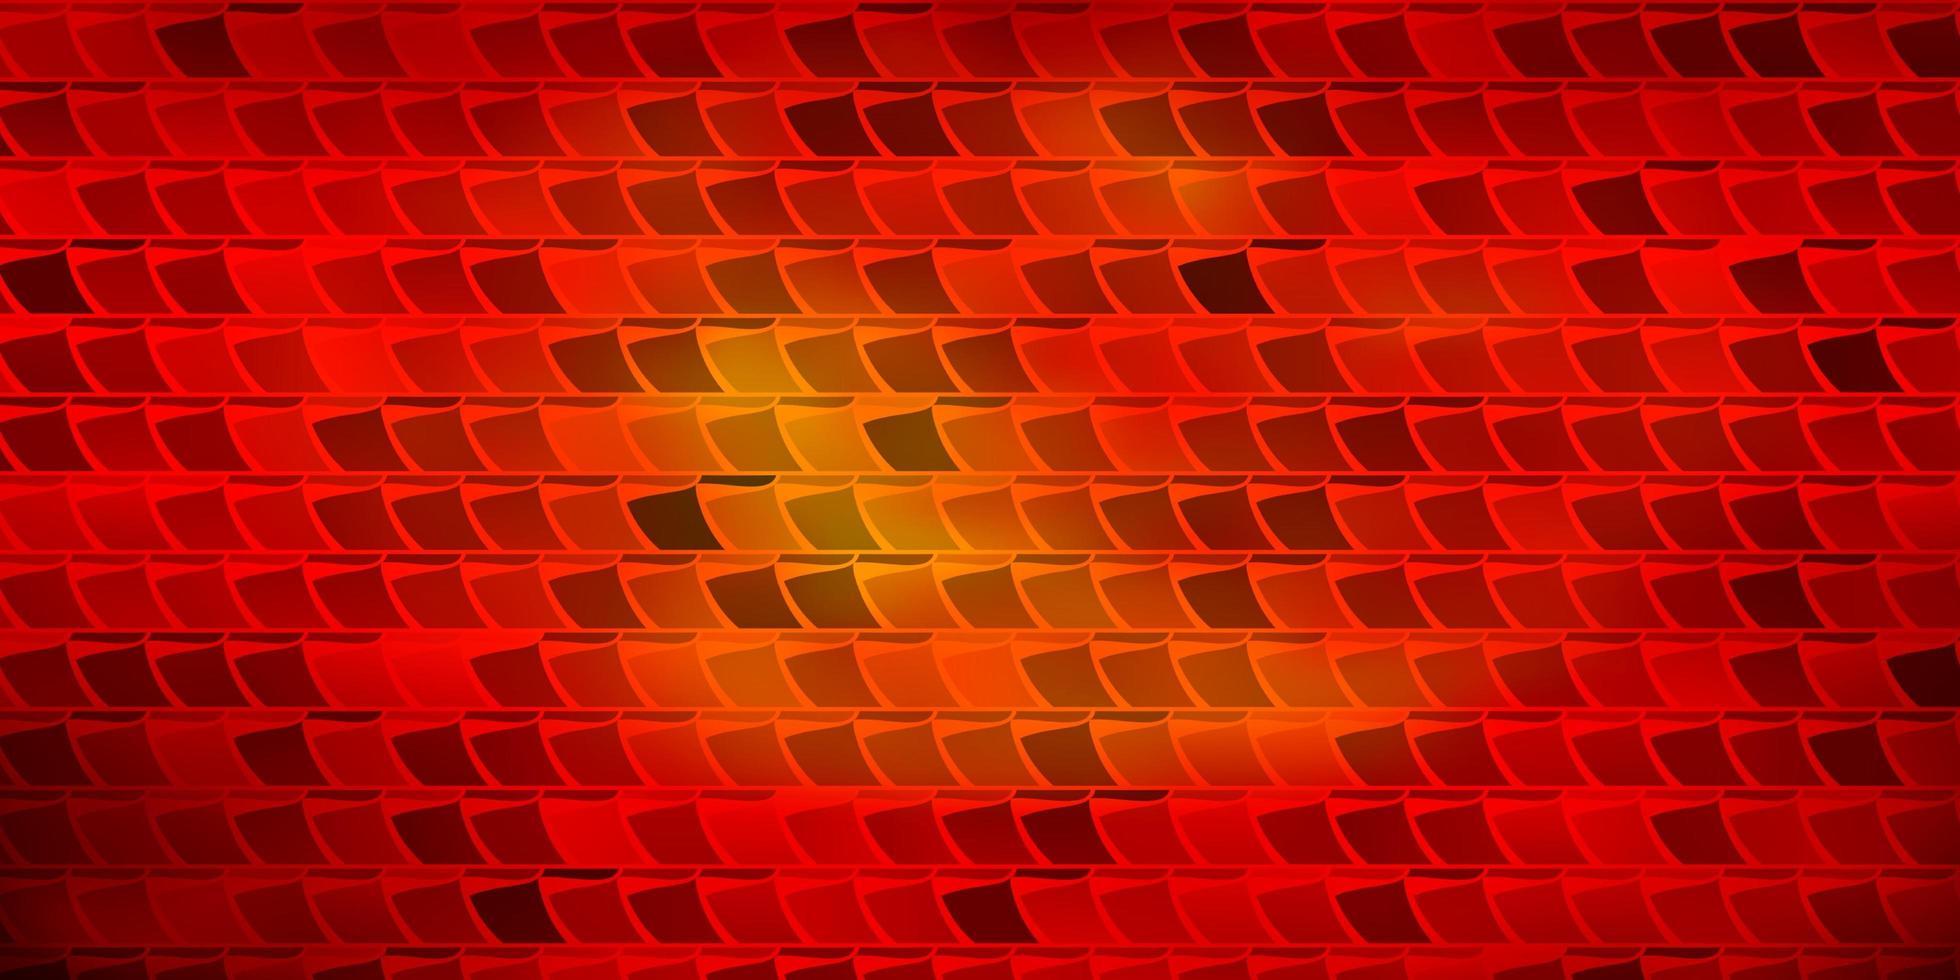 dunkelrote Vektorbeschaffenheit im rechteckigen Stil vektor